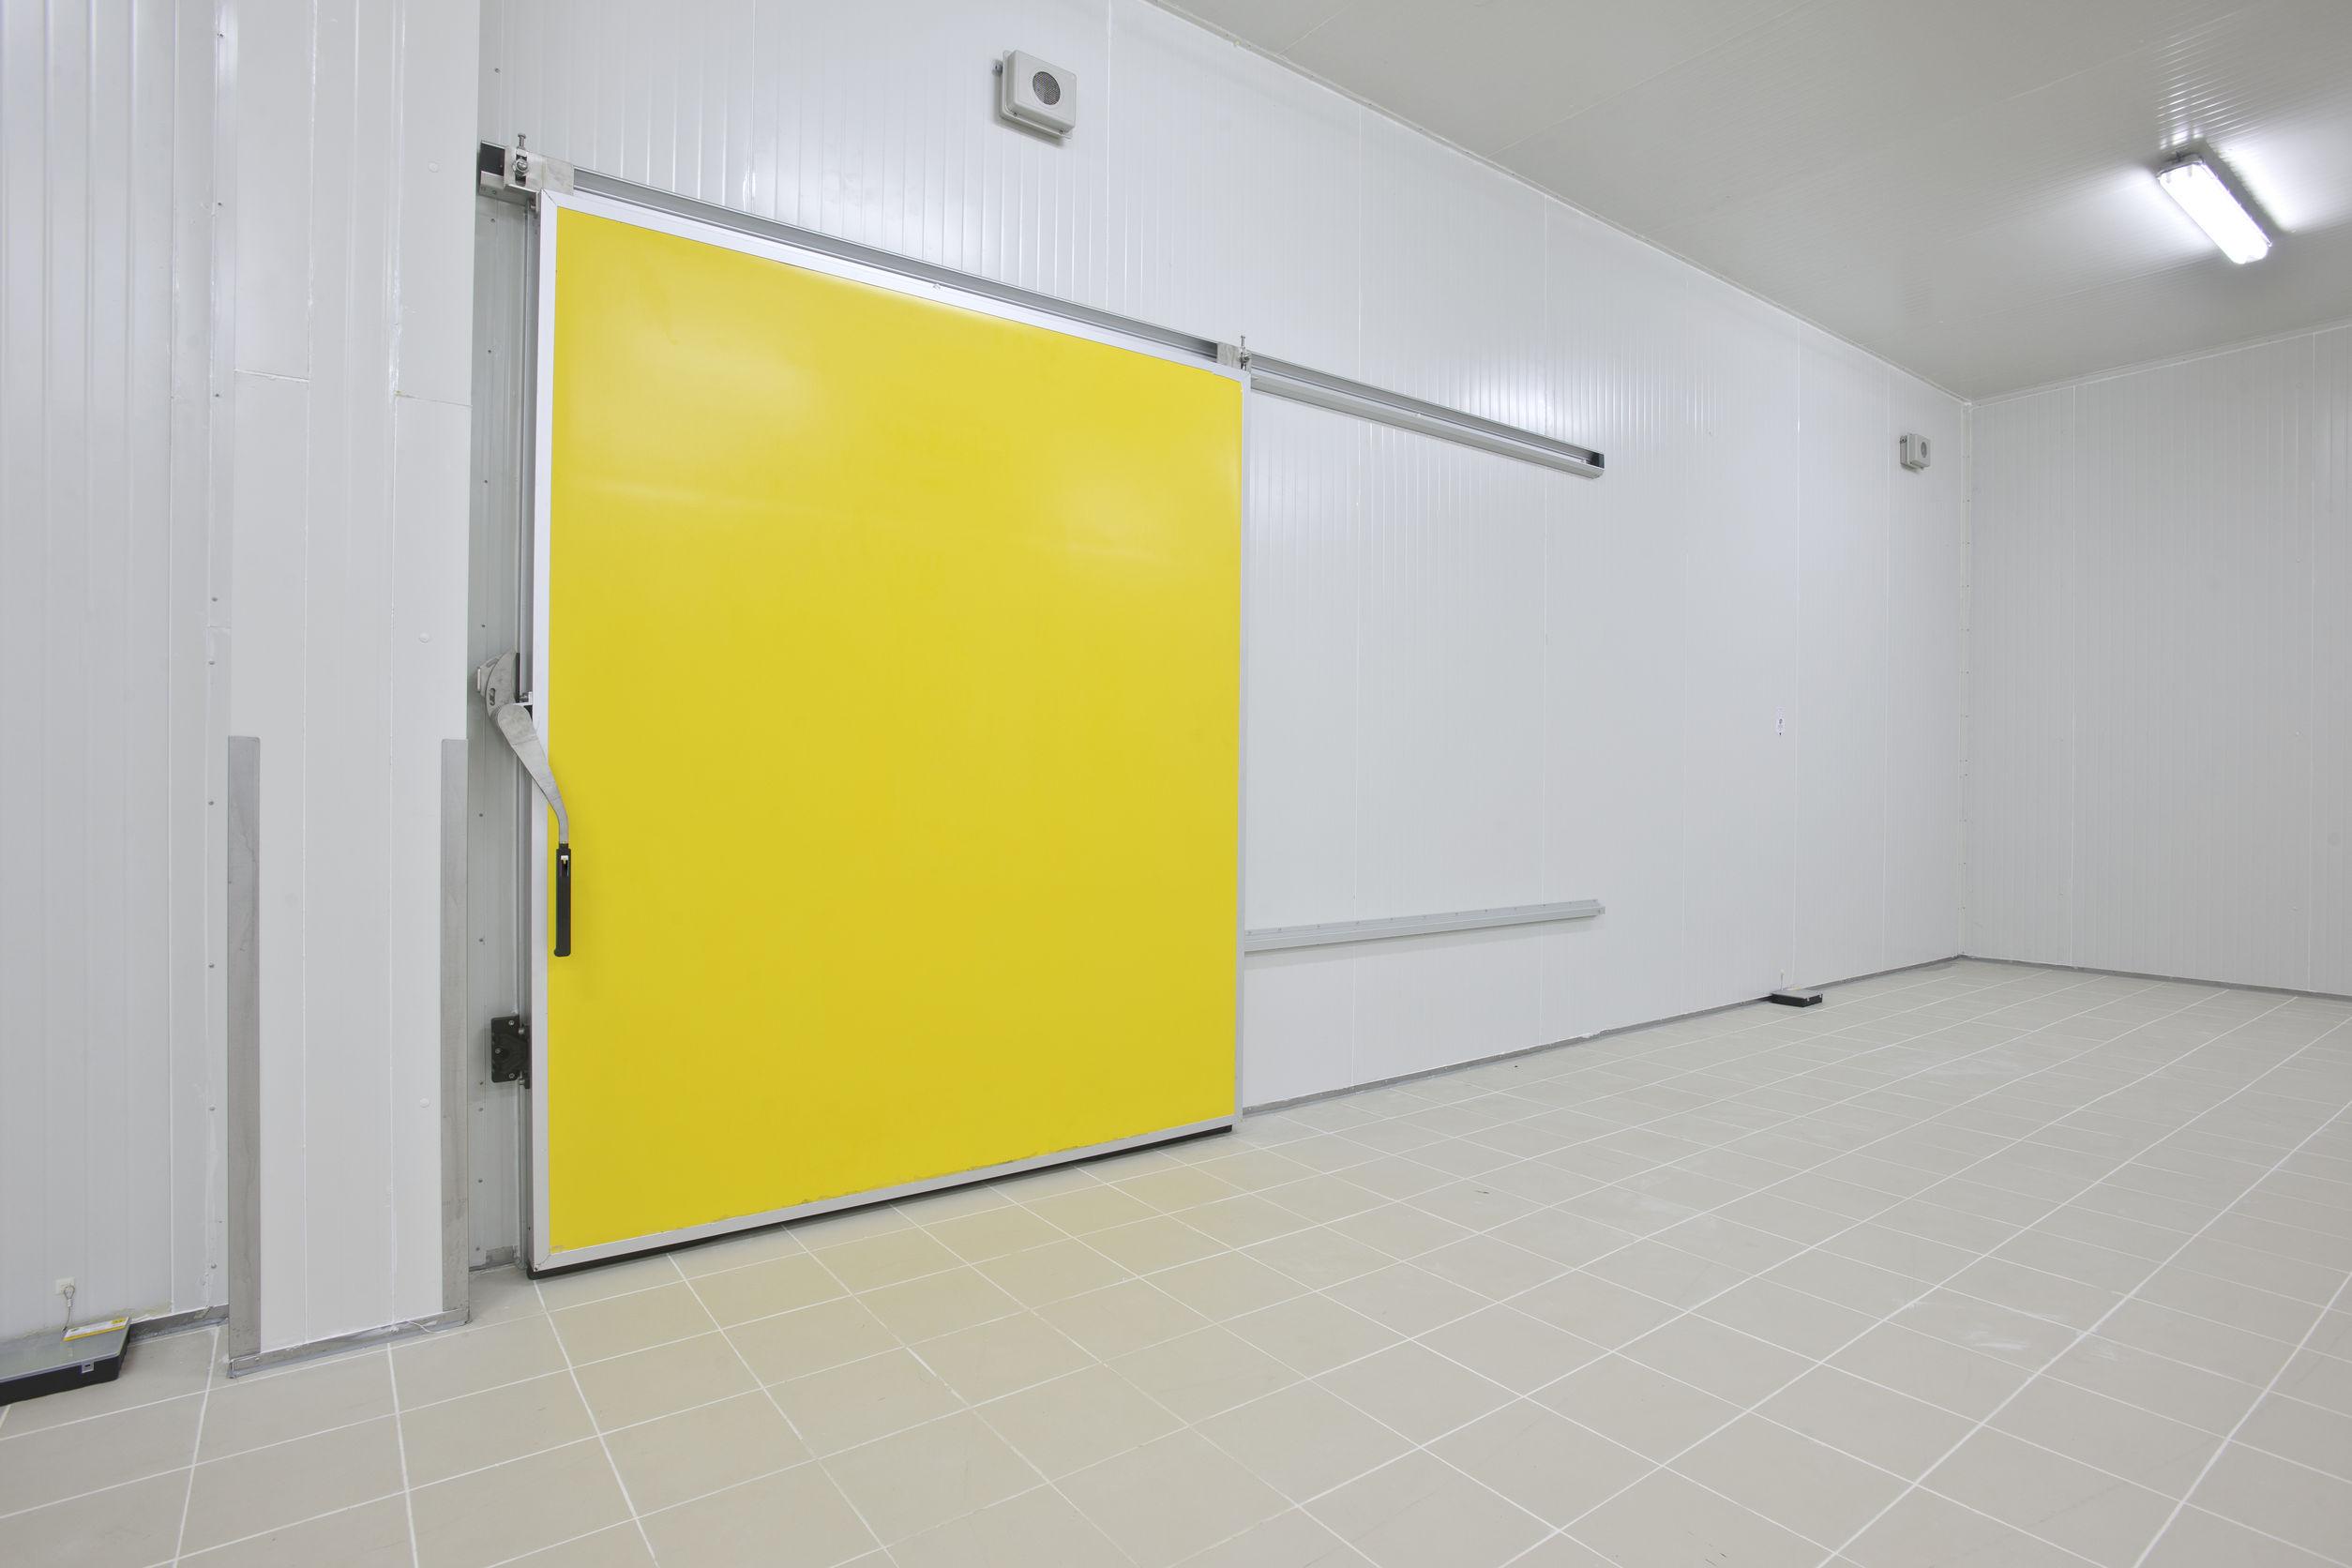 Внедрение холодной комнаты - отличное улучшение для сохранения ваших продуктов.